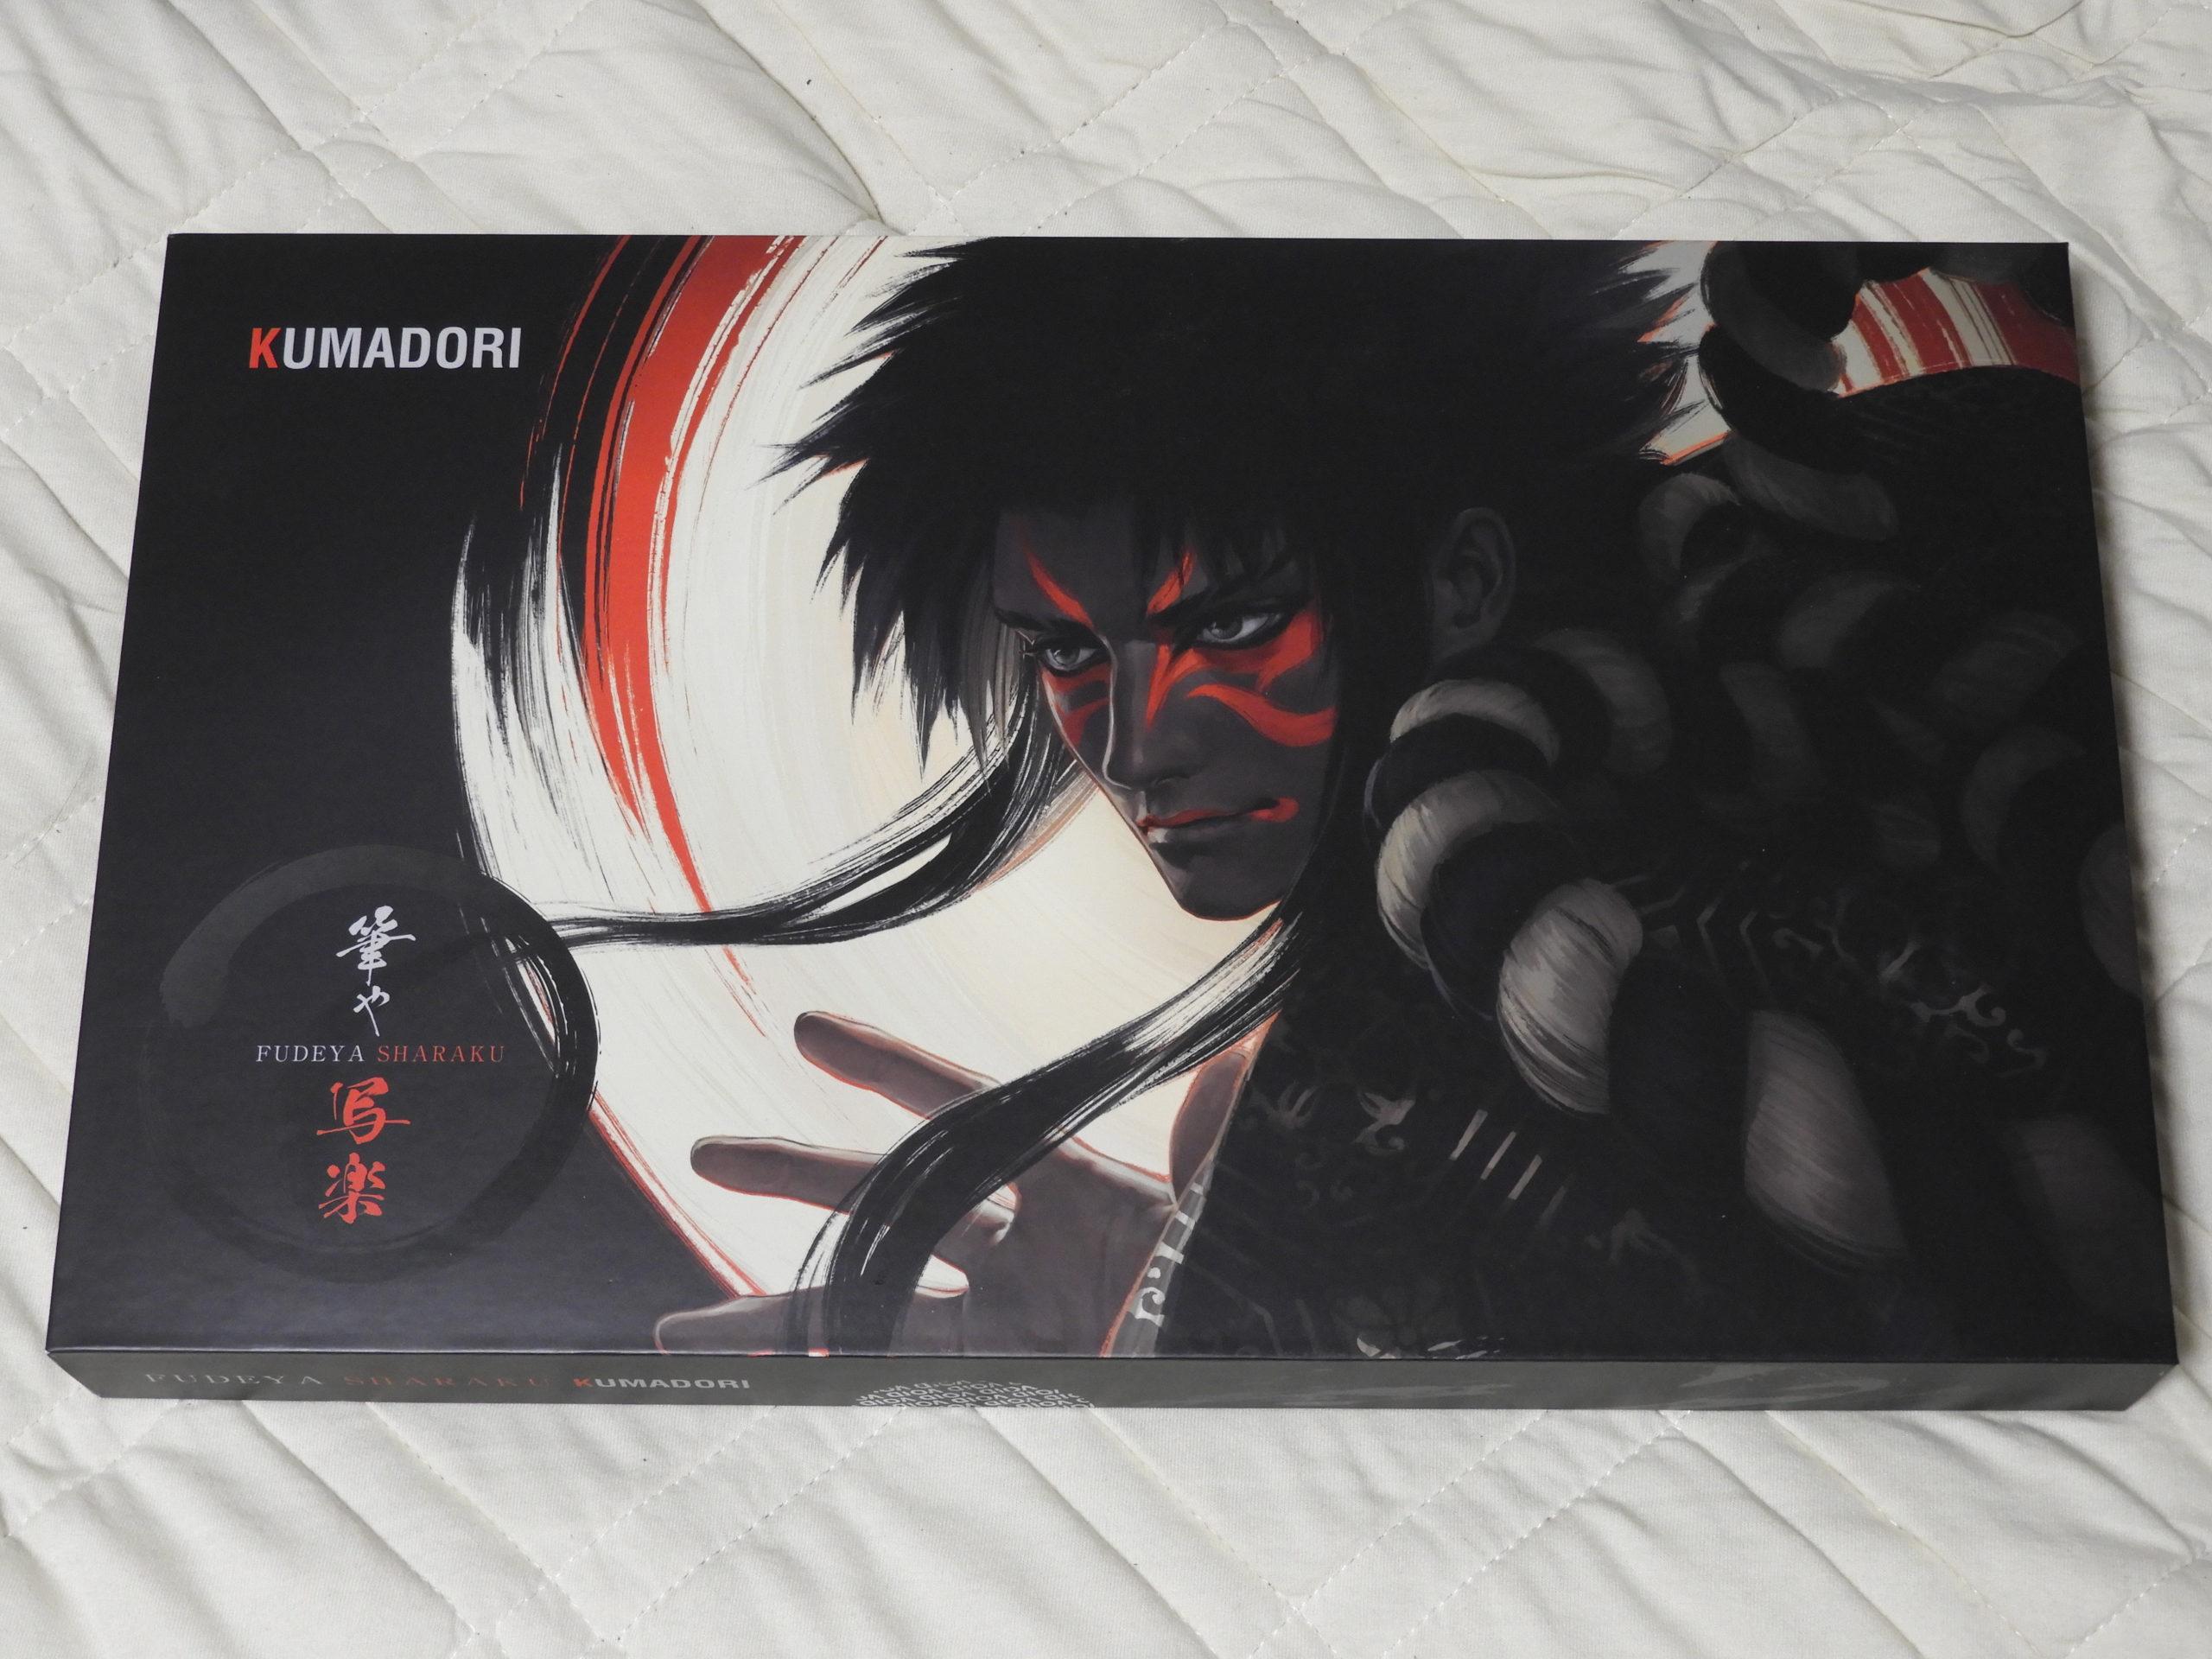 【レビュー】日本発、低価格ペンタブレット「RAYWOOD 筆や写楽 KUMADORI」ってどうなの?